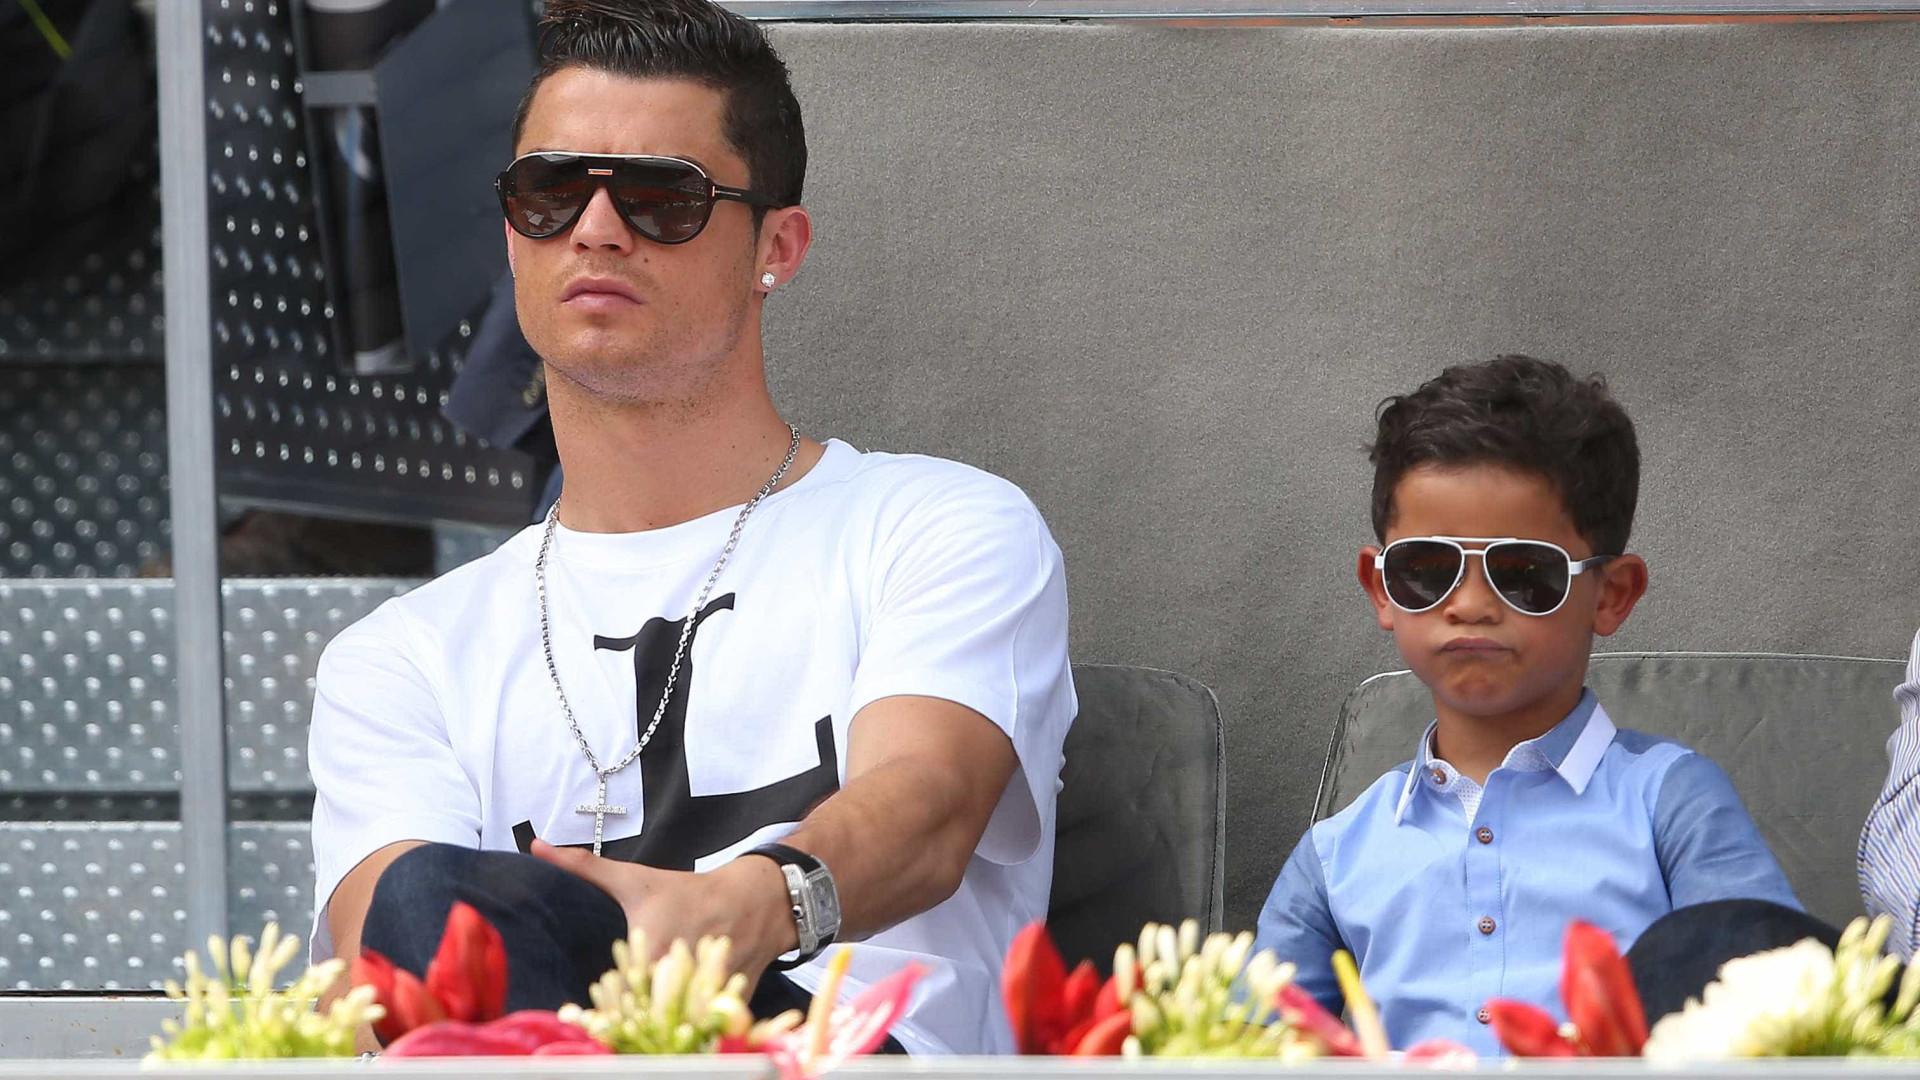 Cristiano Ronaldo posa ao lado do filho e fala sobre paternidade